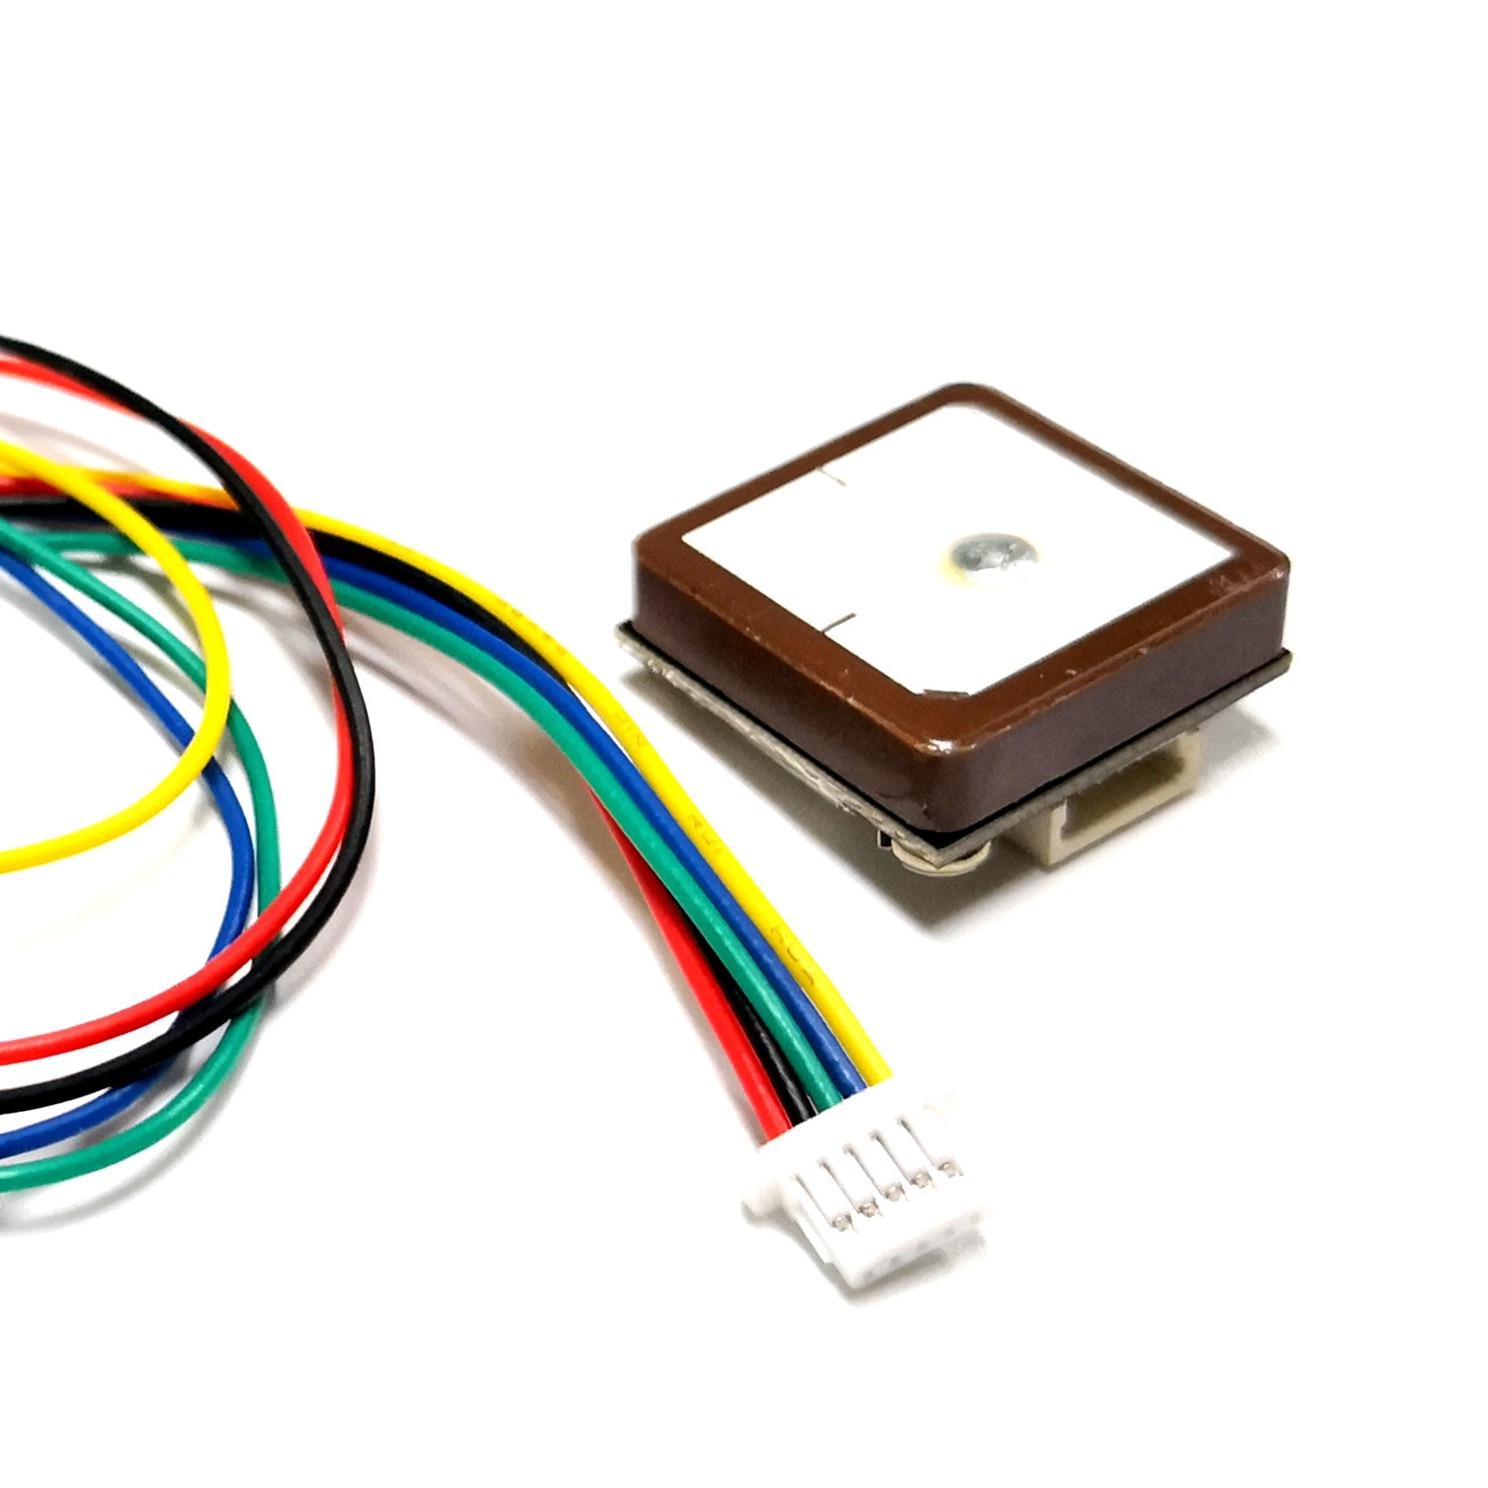 NEUE Kleine größe GNSS GPS Galileo BEI DOU modul antenne, neo-m8n chip lösung, integrierte design von antenne Modul UART ttl-pegel